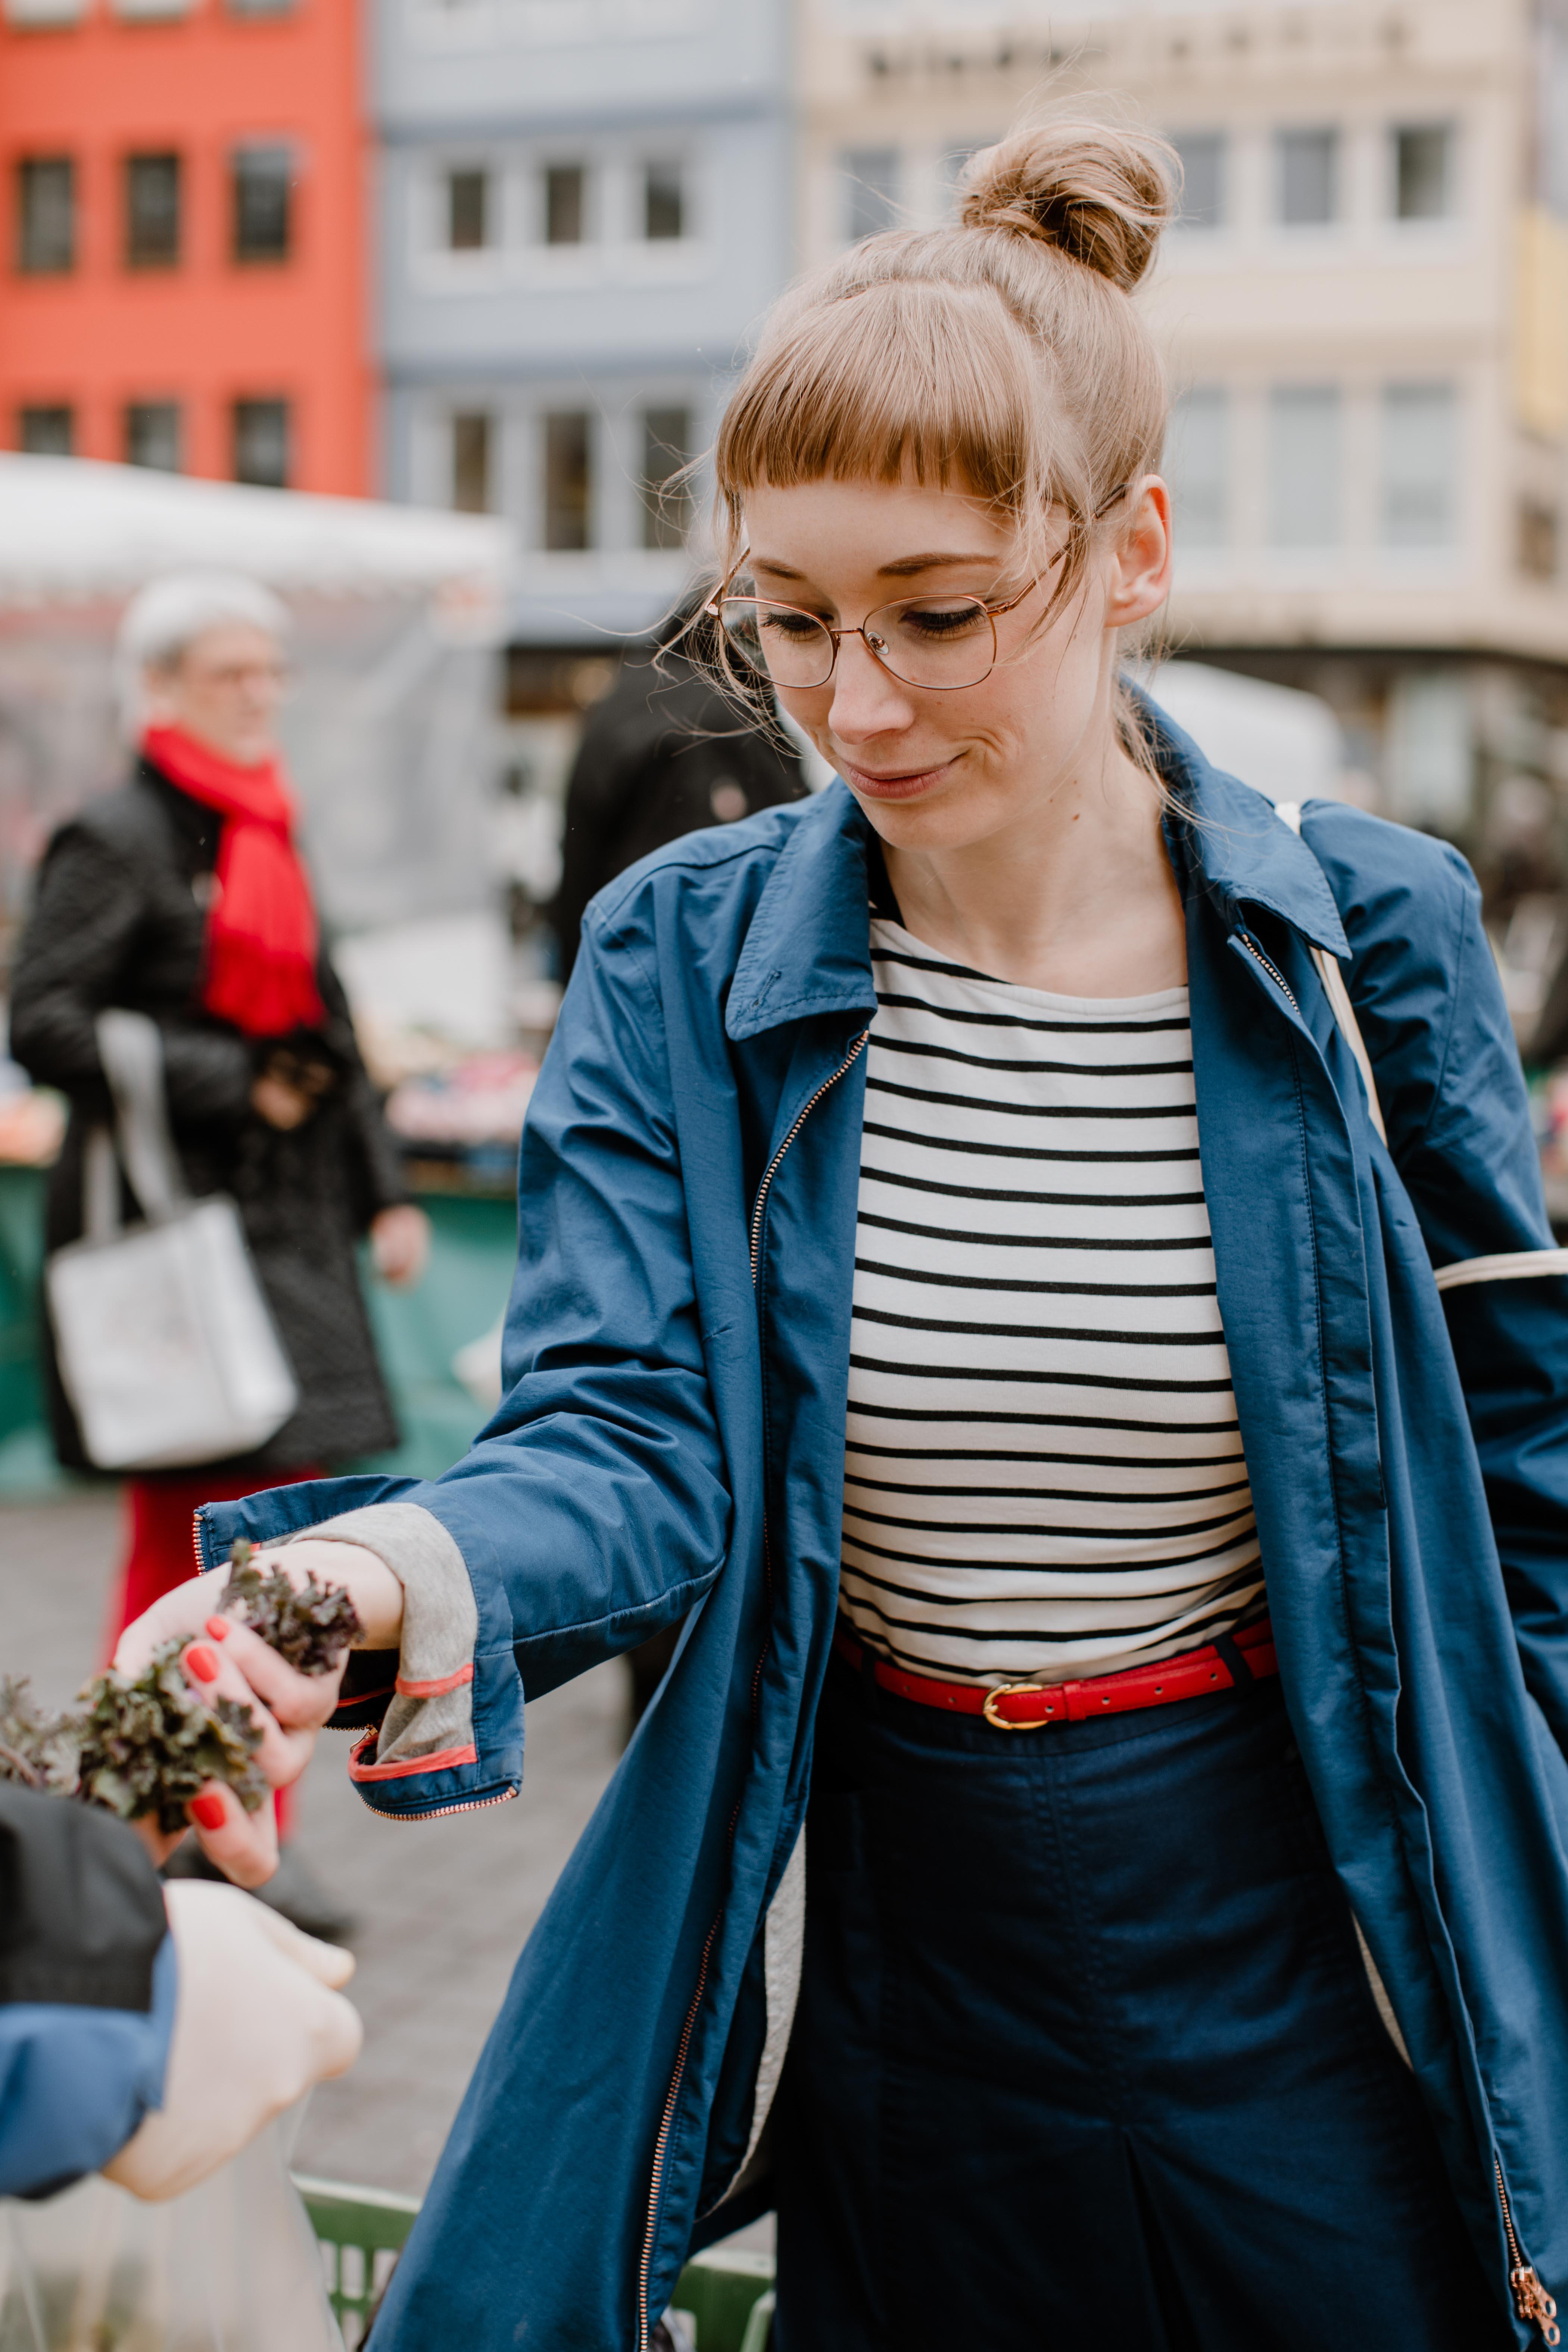 Foodblog für vegetarische Rezepte Holunderweg18 von Natalie Friedrich, Foto: Julia Pommerenke